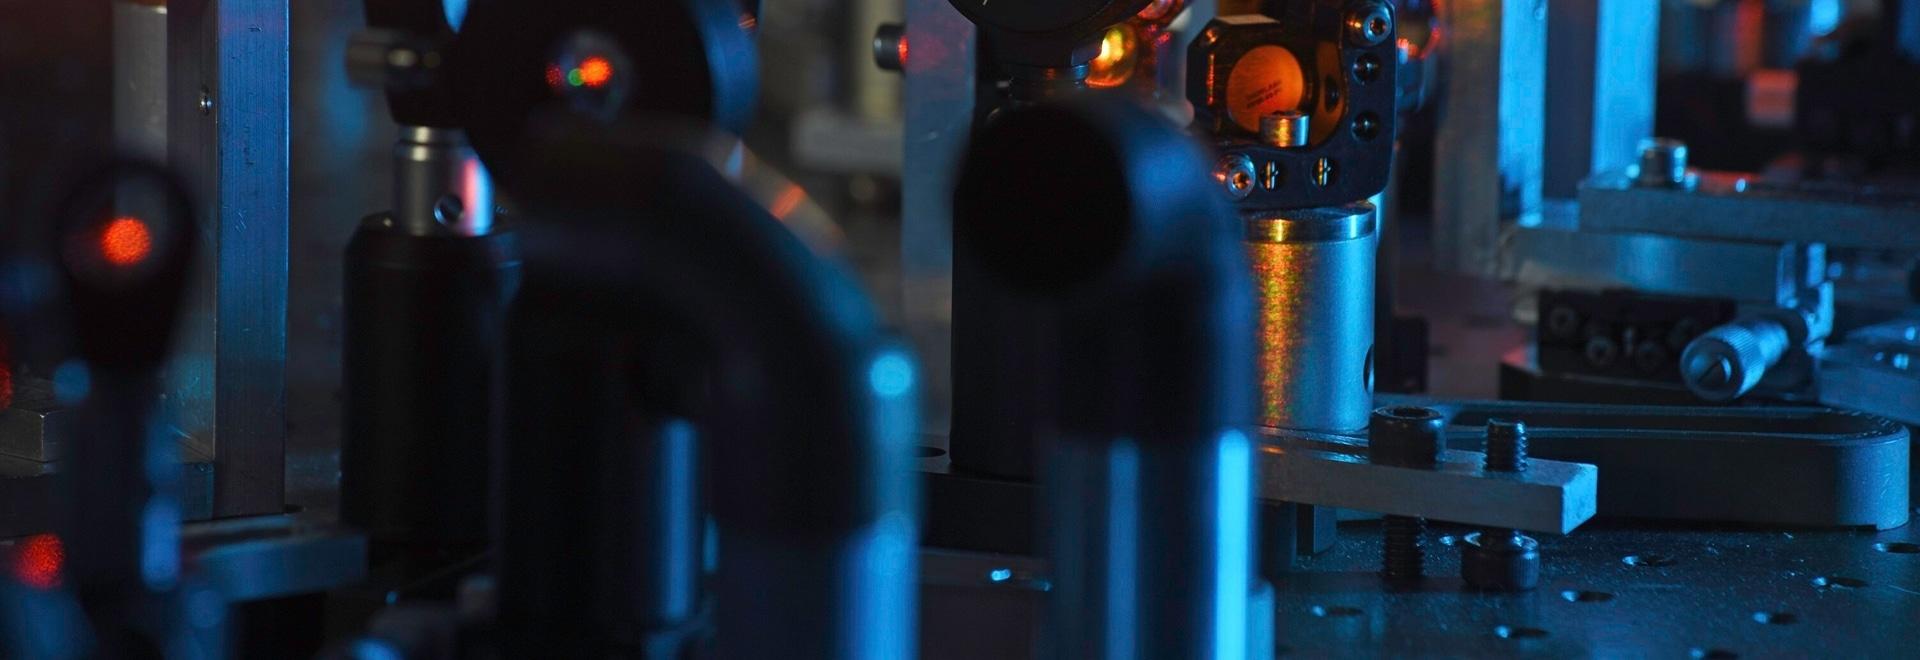 Système ultra-rapide de laser approprié à l'intégration dans des solutions de microscopie